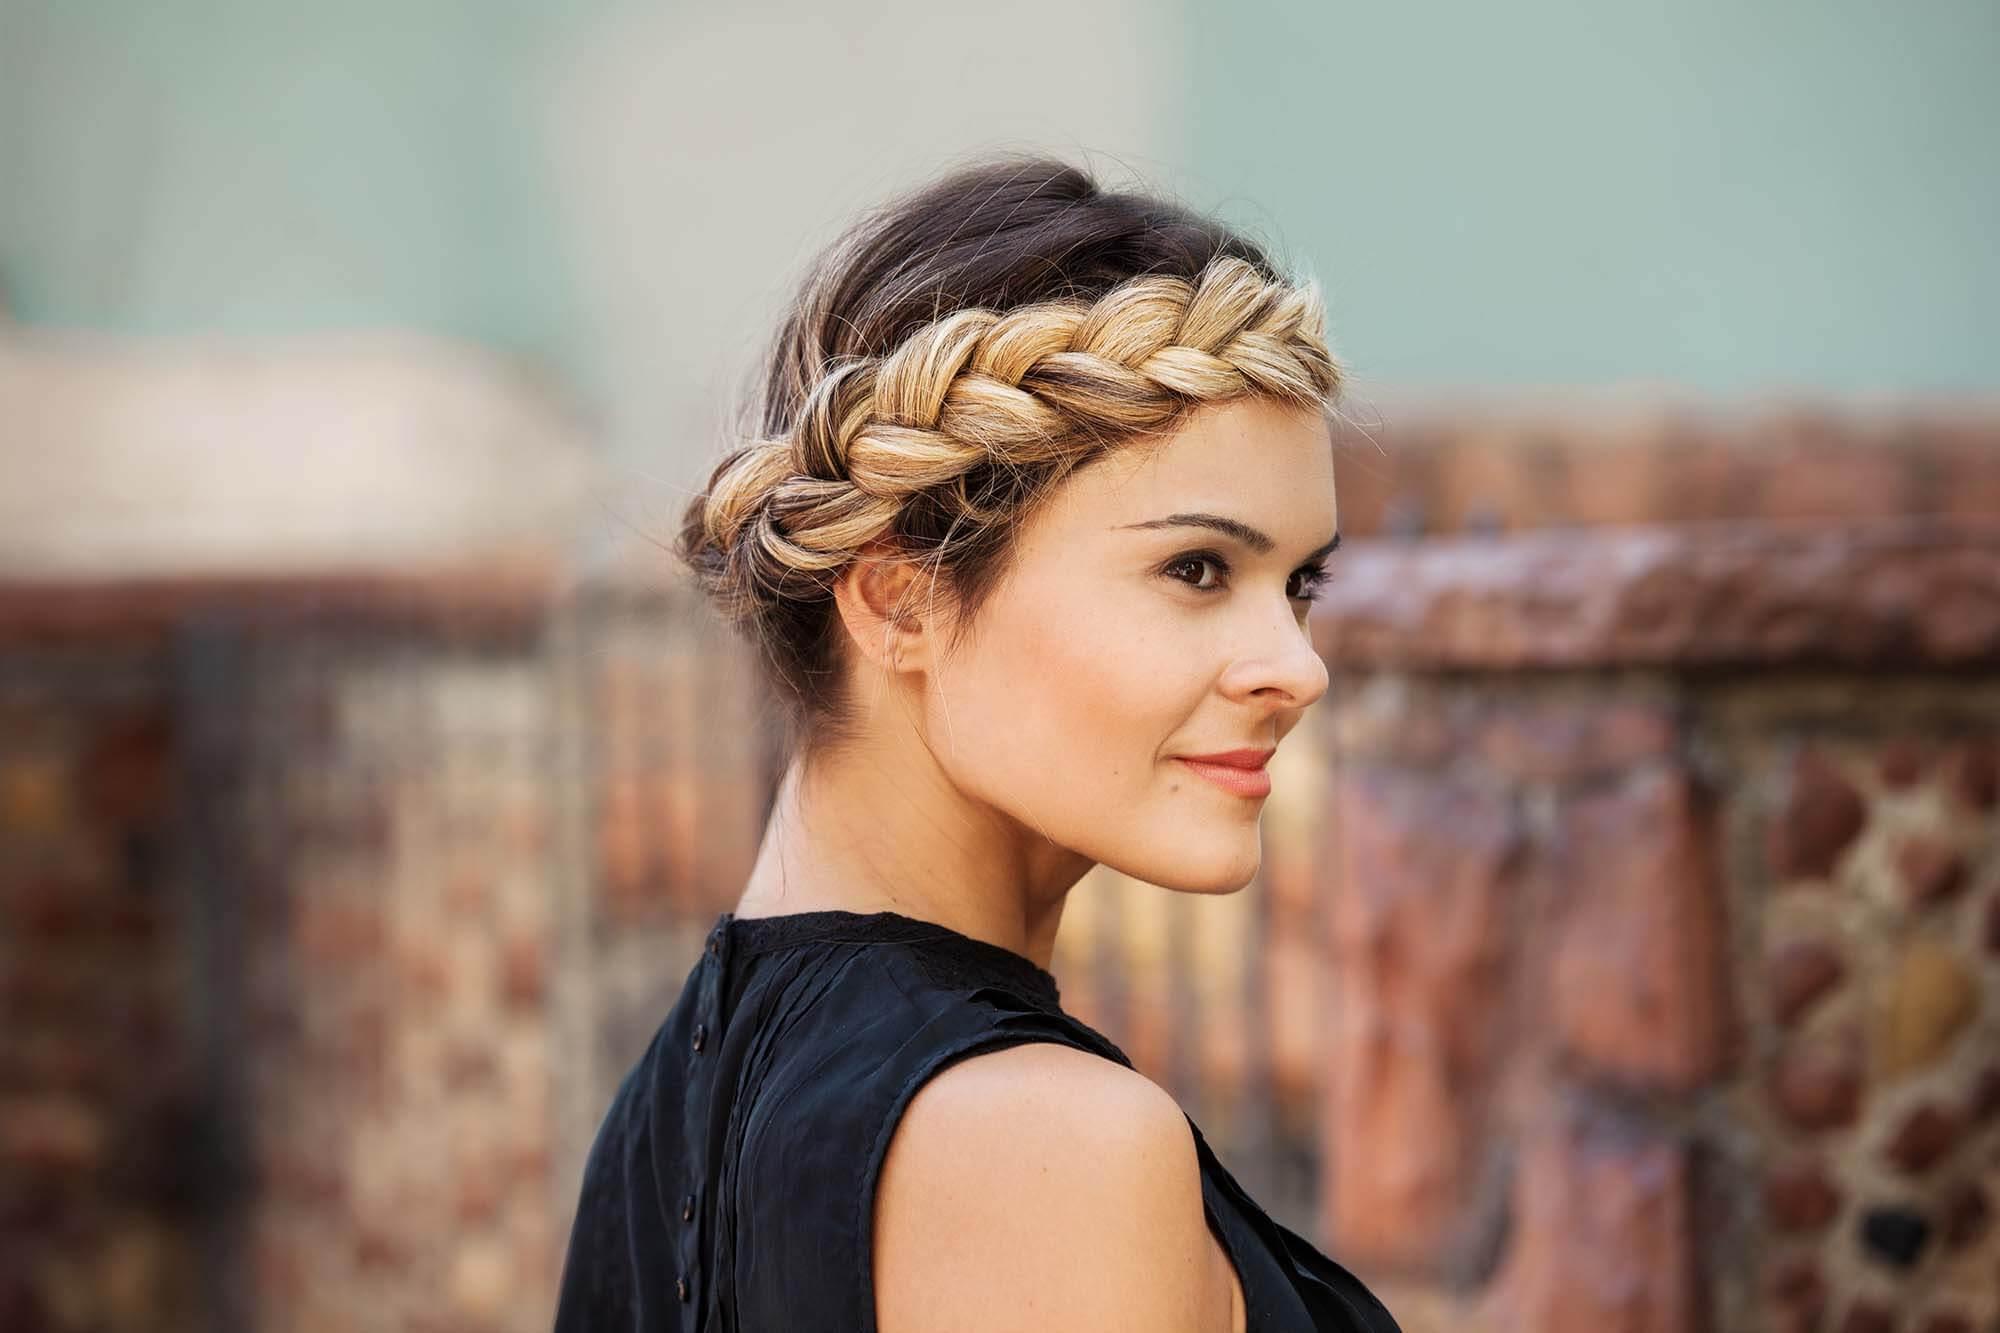 hair braiding: halo braid